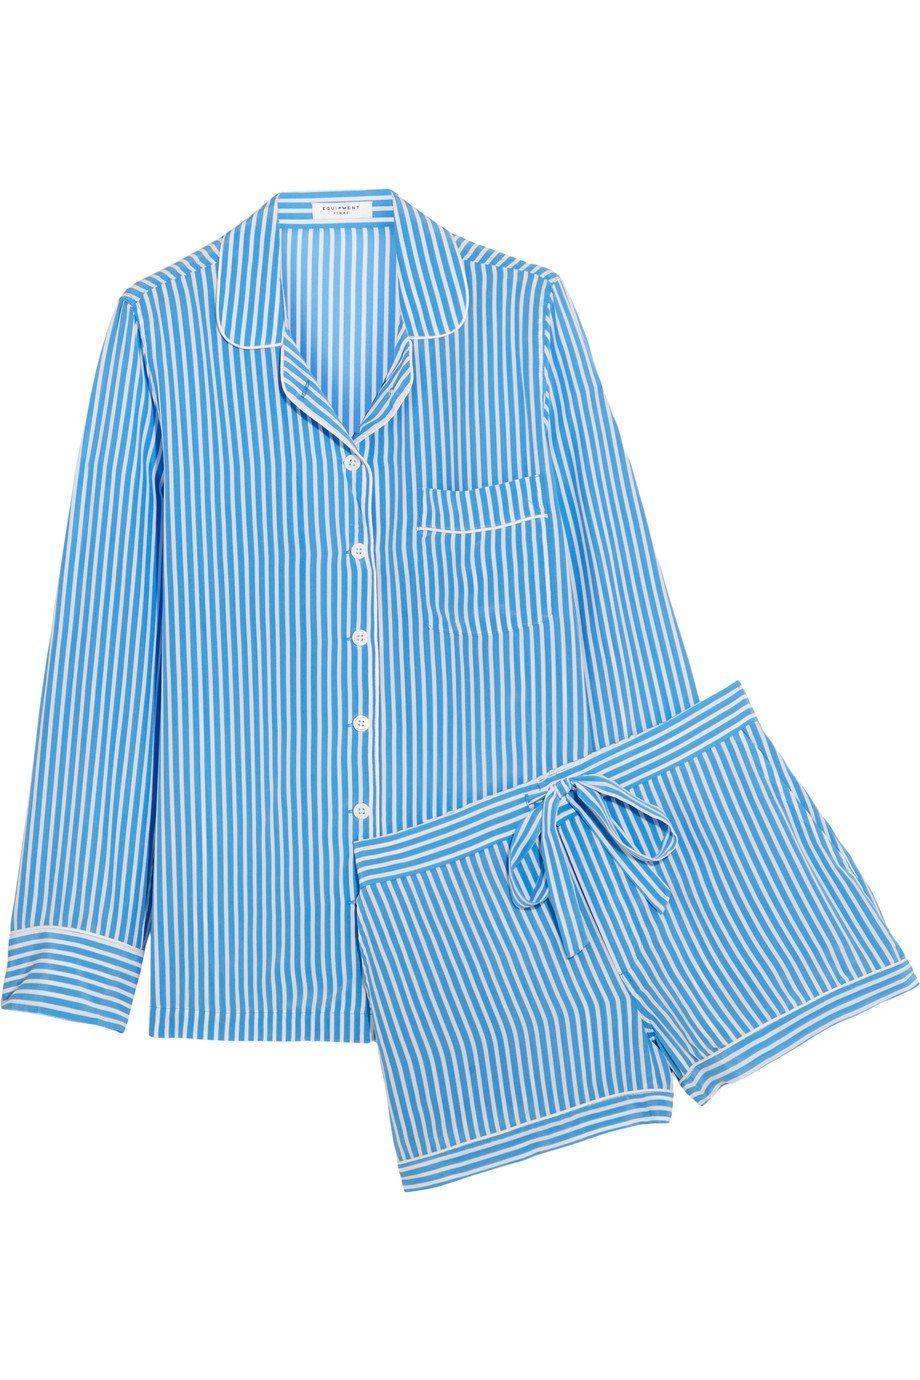 Equipment Lillian Striped Washed-Silk Pajama Set ( 390) 9abb3d6d0